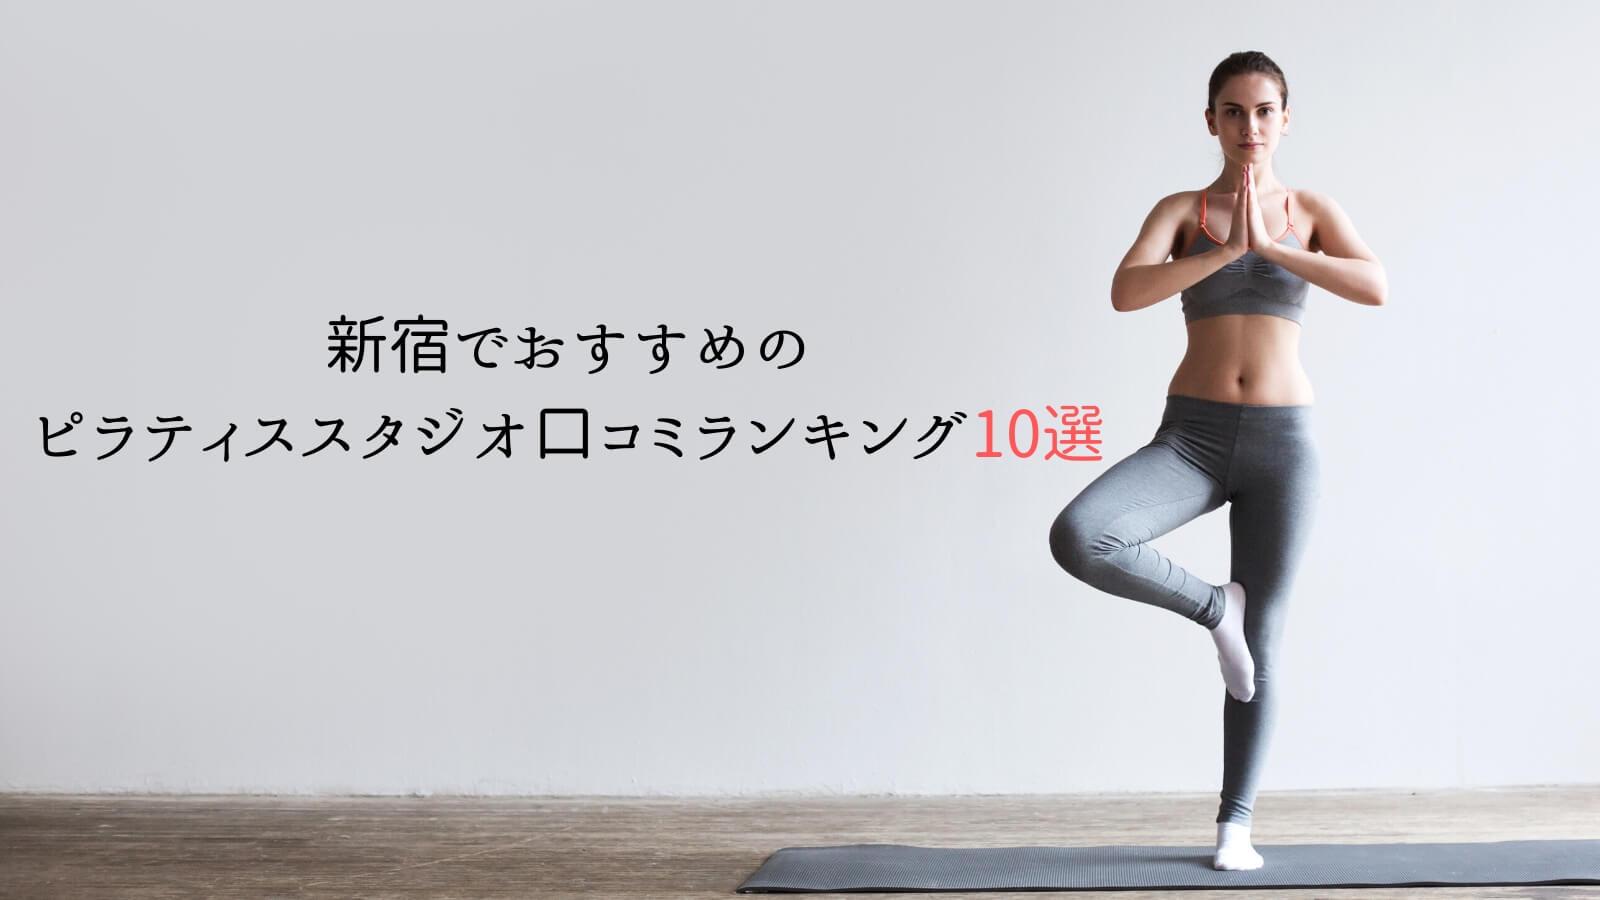 新宿でおすすめのピラティススタジオ口コミランキング10選